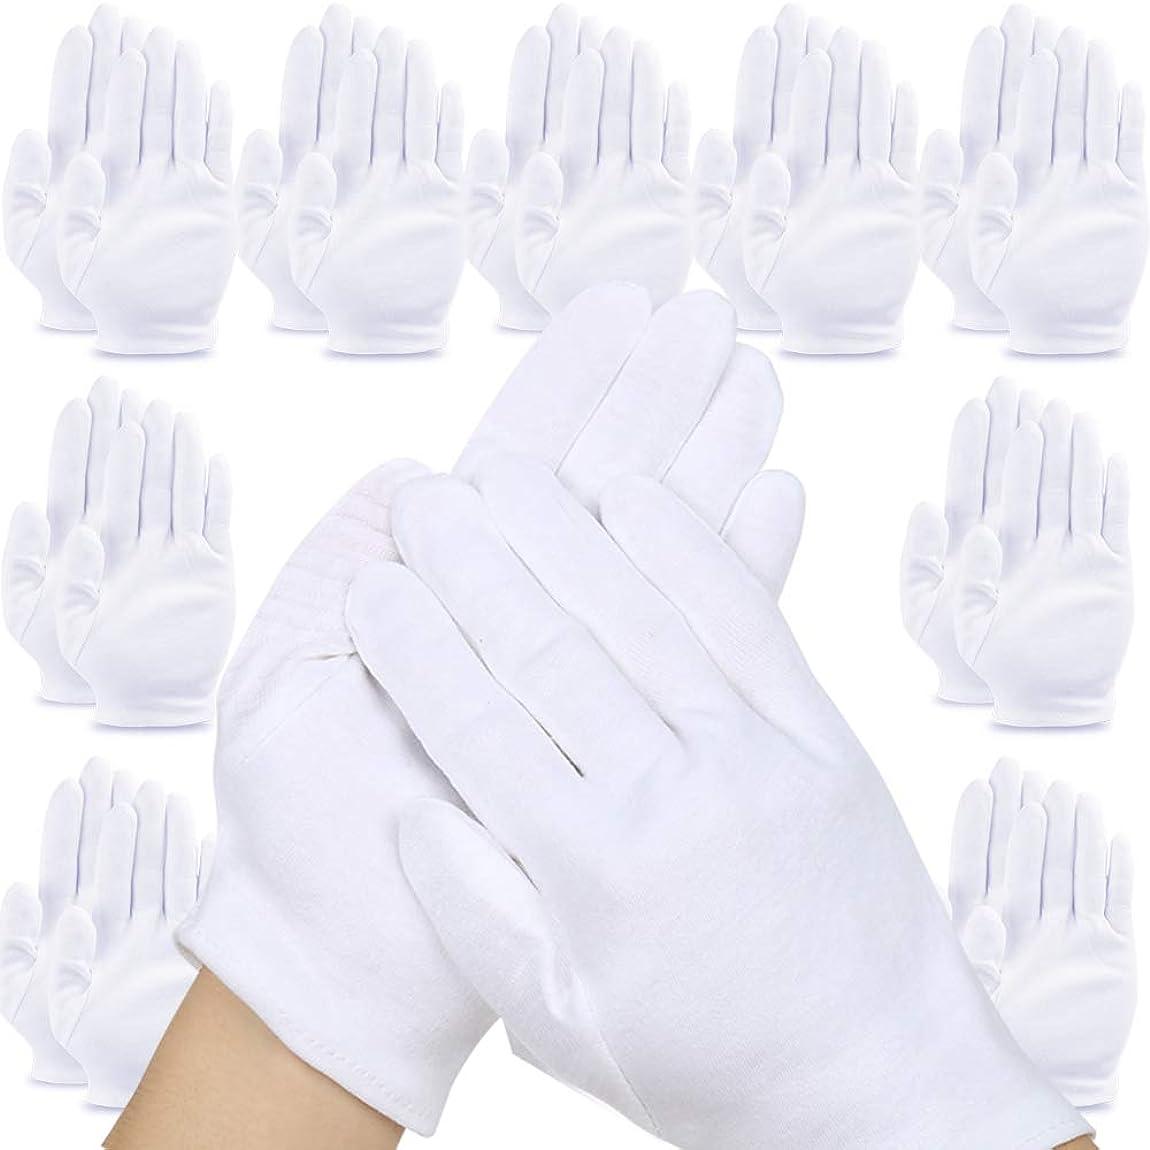 事実言い直すマーキングTeenitor コットン手袋 綿手袋 インナーコットン手袋 白手袋 20枚入り 手荒れ 手袋 Sサイズ おやすみ 手袋 湿疹用 乾燥肌用 保湿用 家事用 礼装用 ガーデニング用